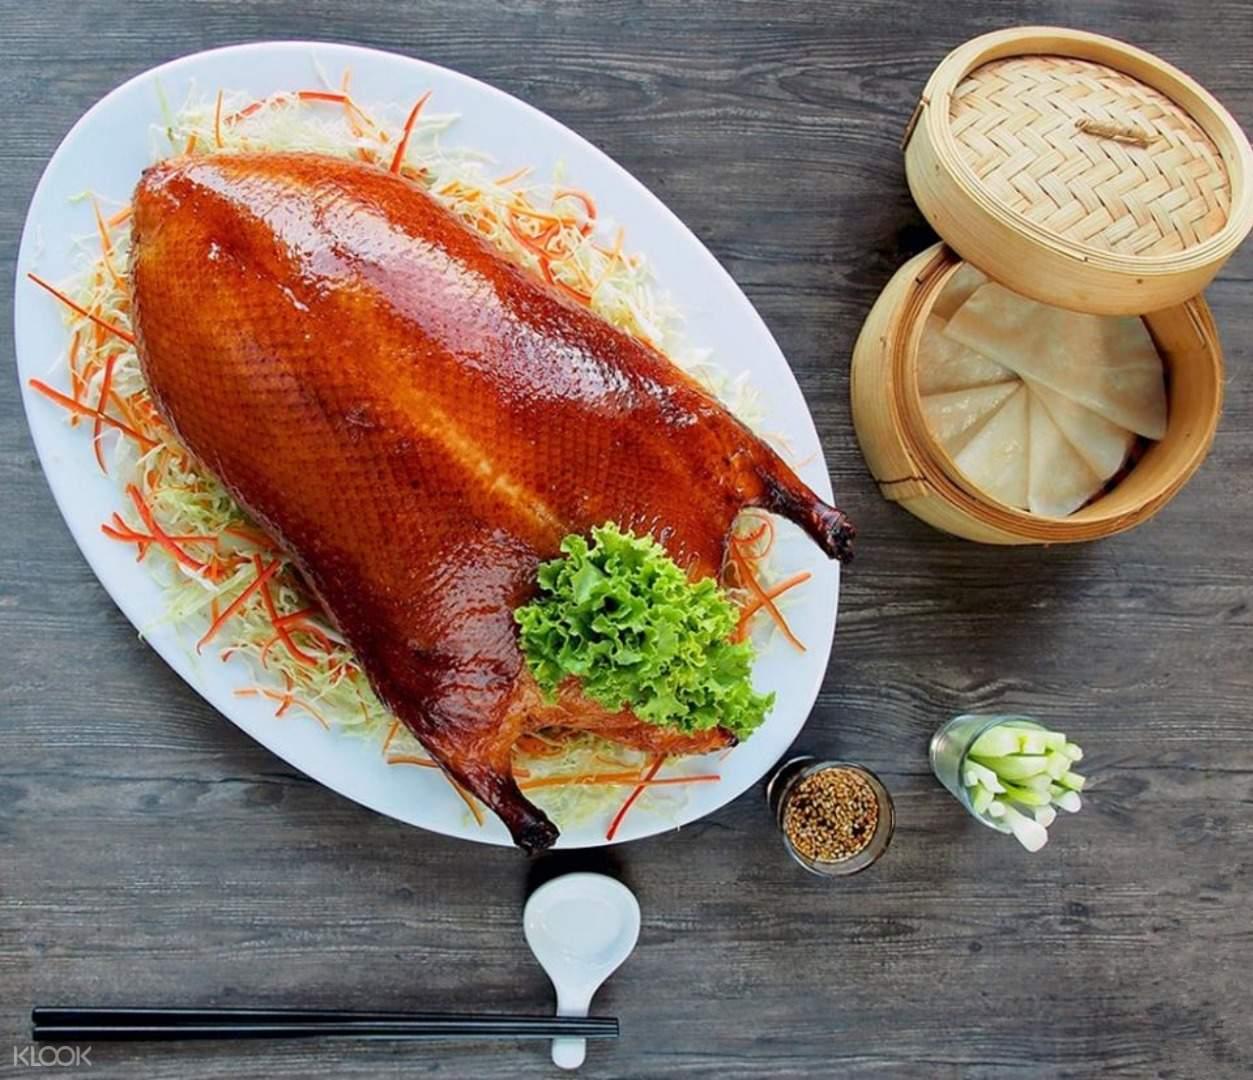 曼谷拜约克彩虹云霄酒店stella palace餐厅北京烤鸭